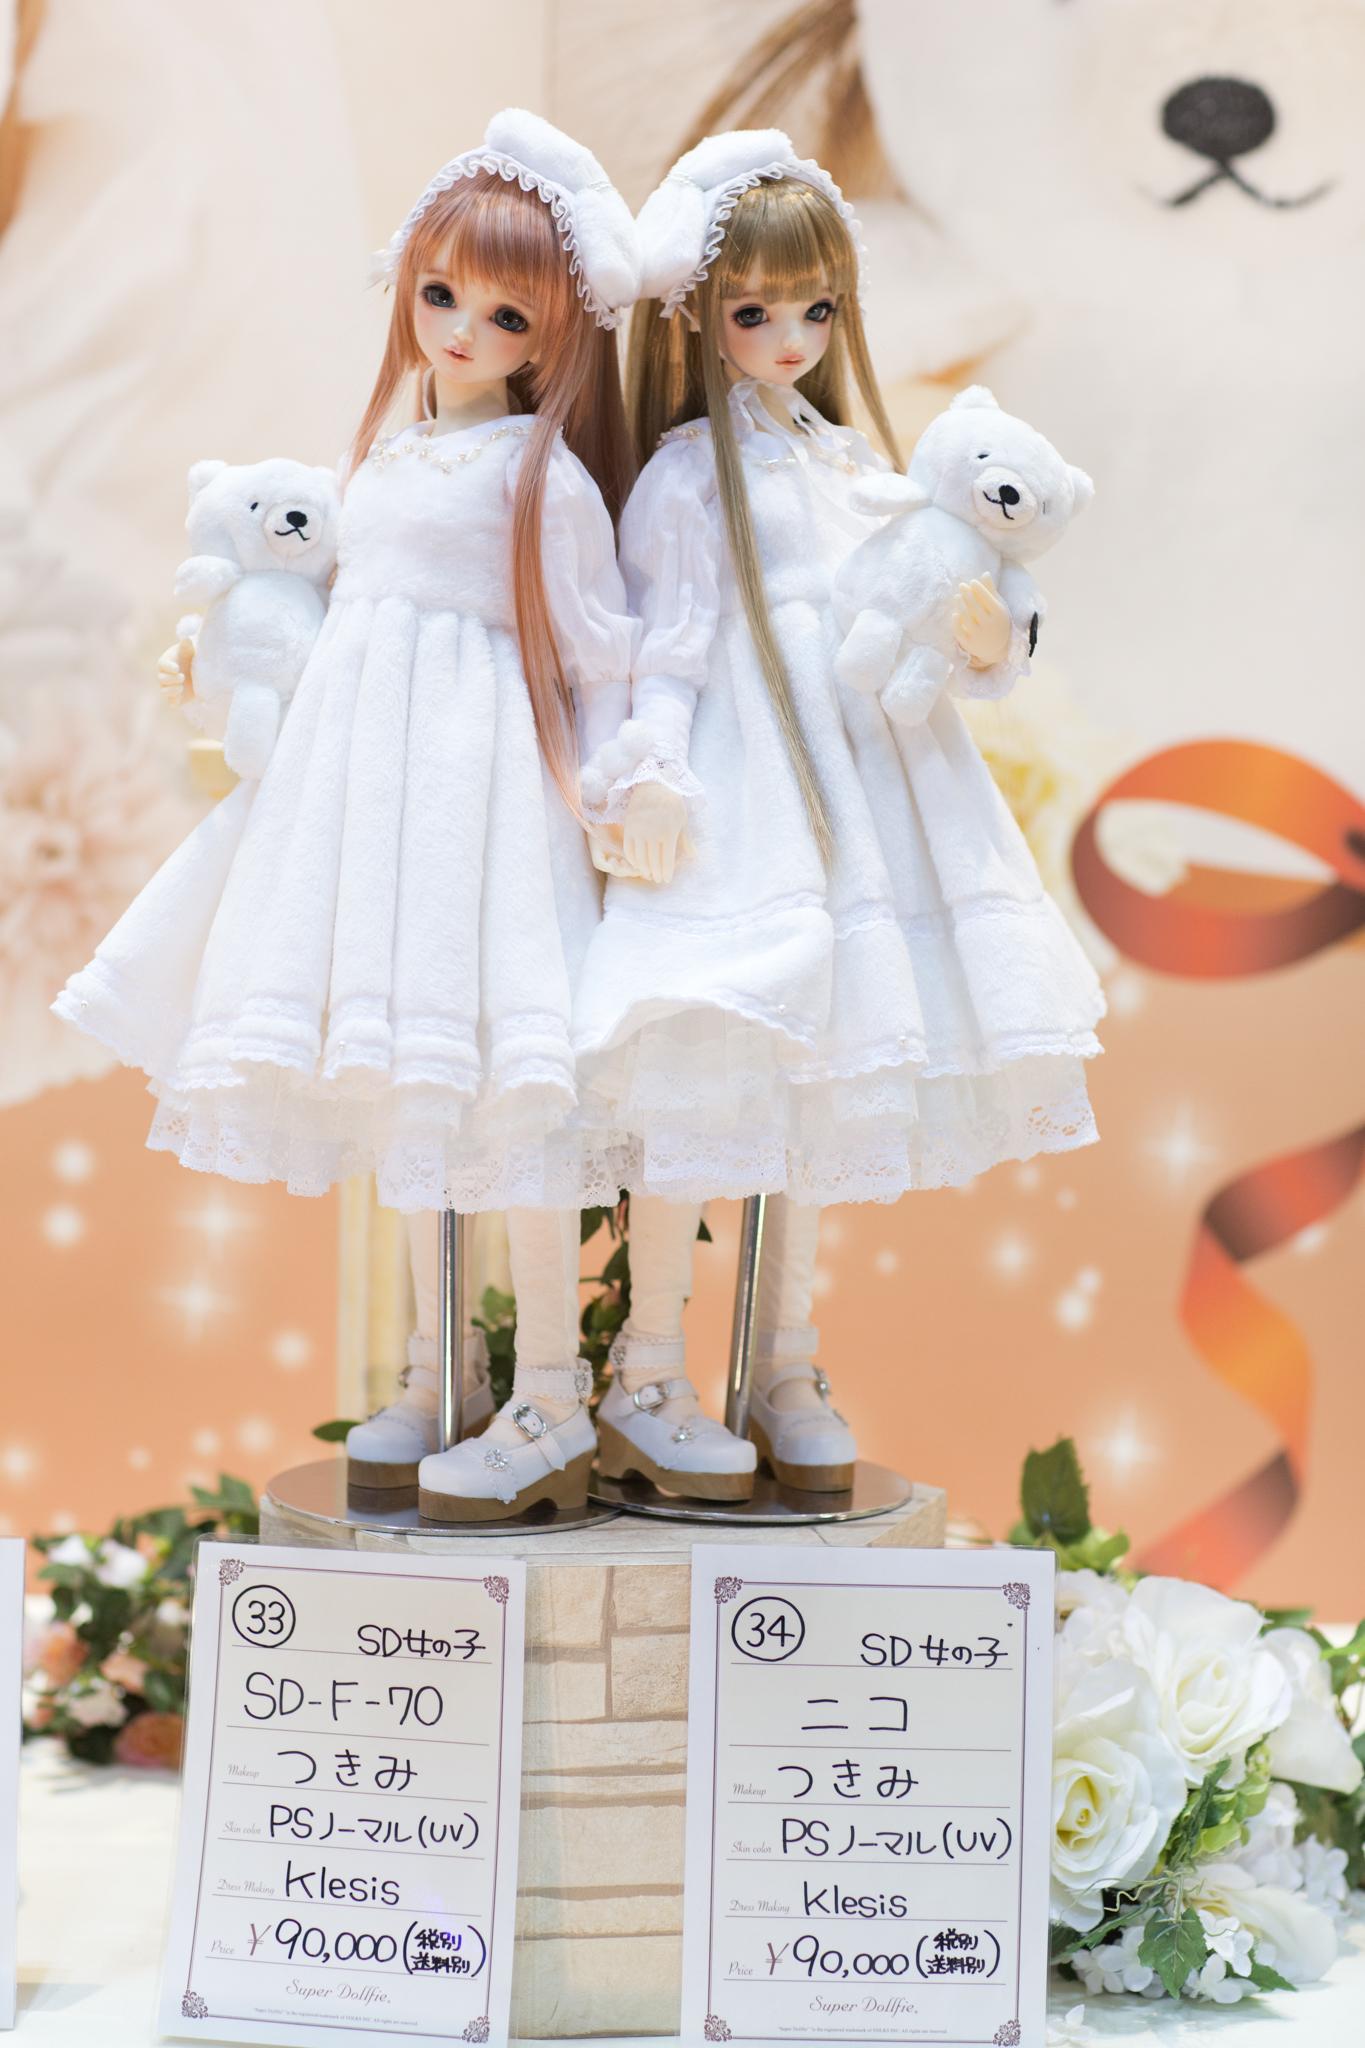 SD女の子 SD-F-70 ニコ